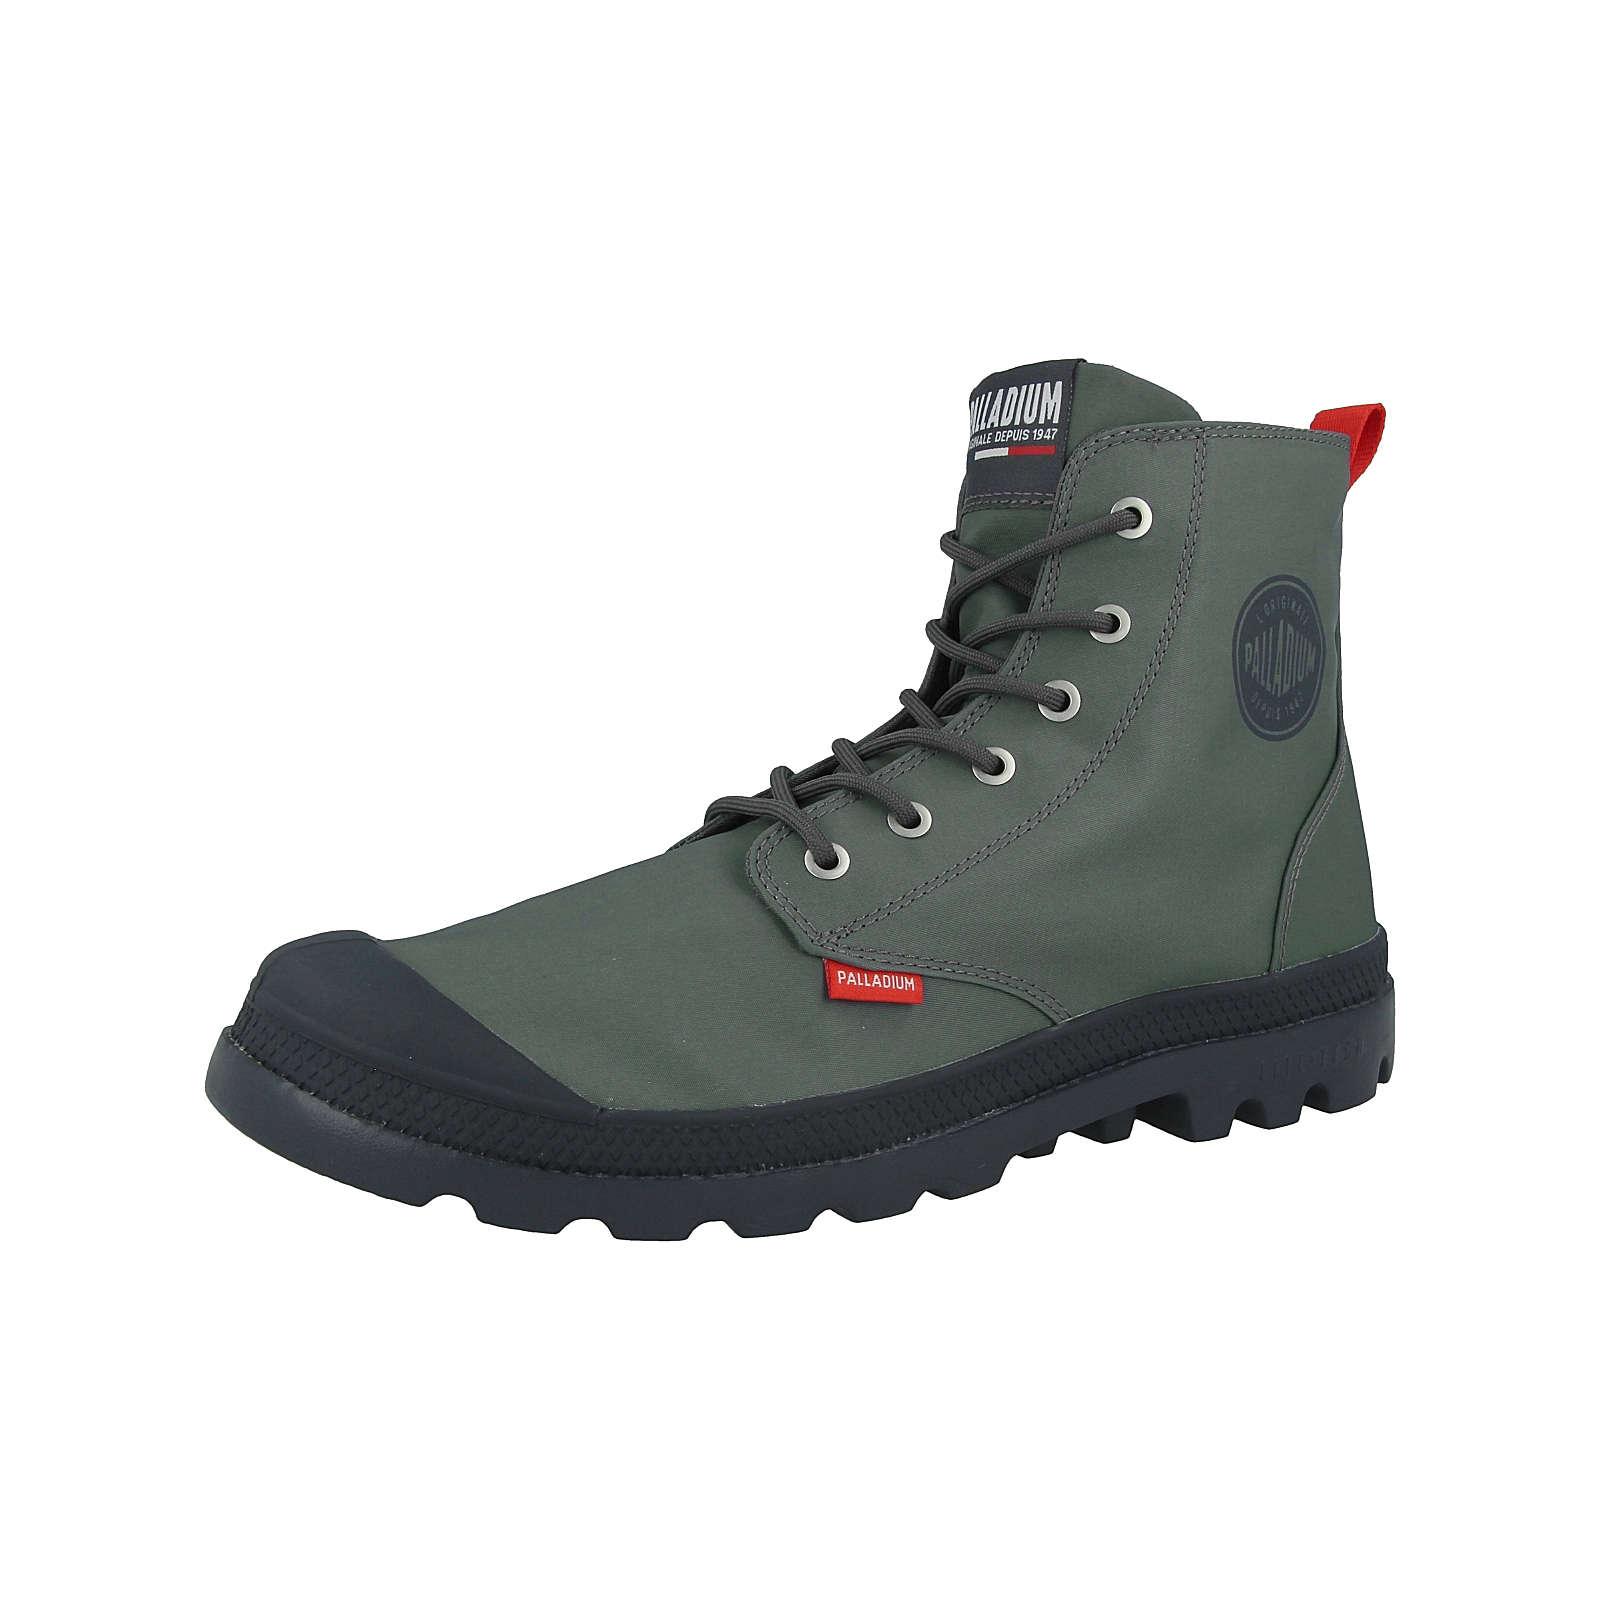 Palladium Schuhe Pampa Lite Ultra TX Schnürstiefel grün Gr. 46